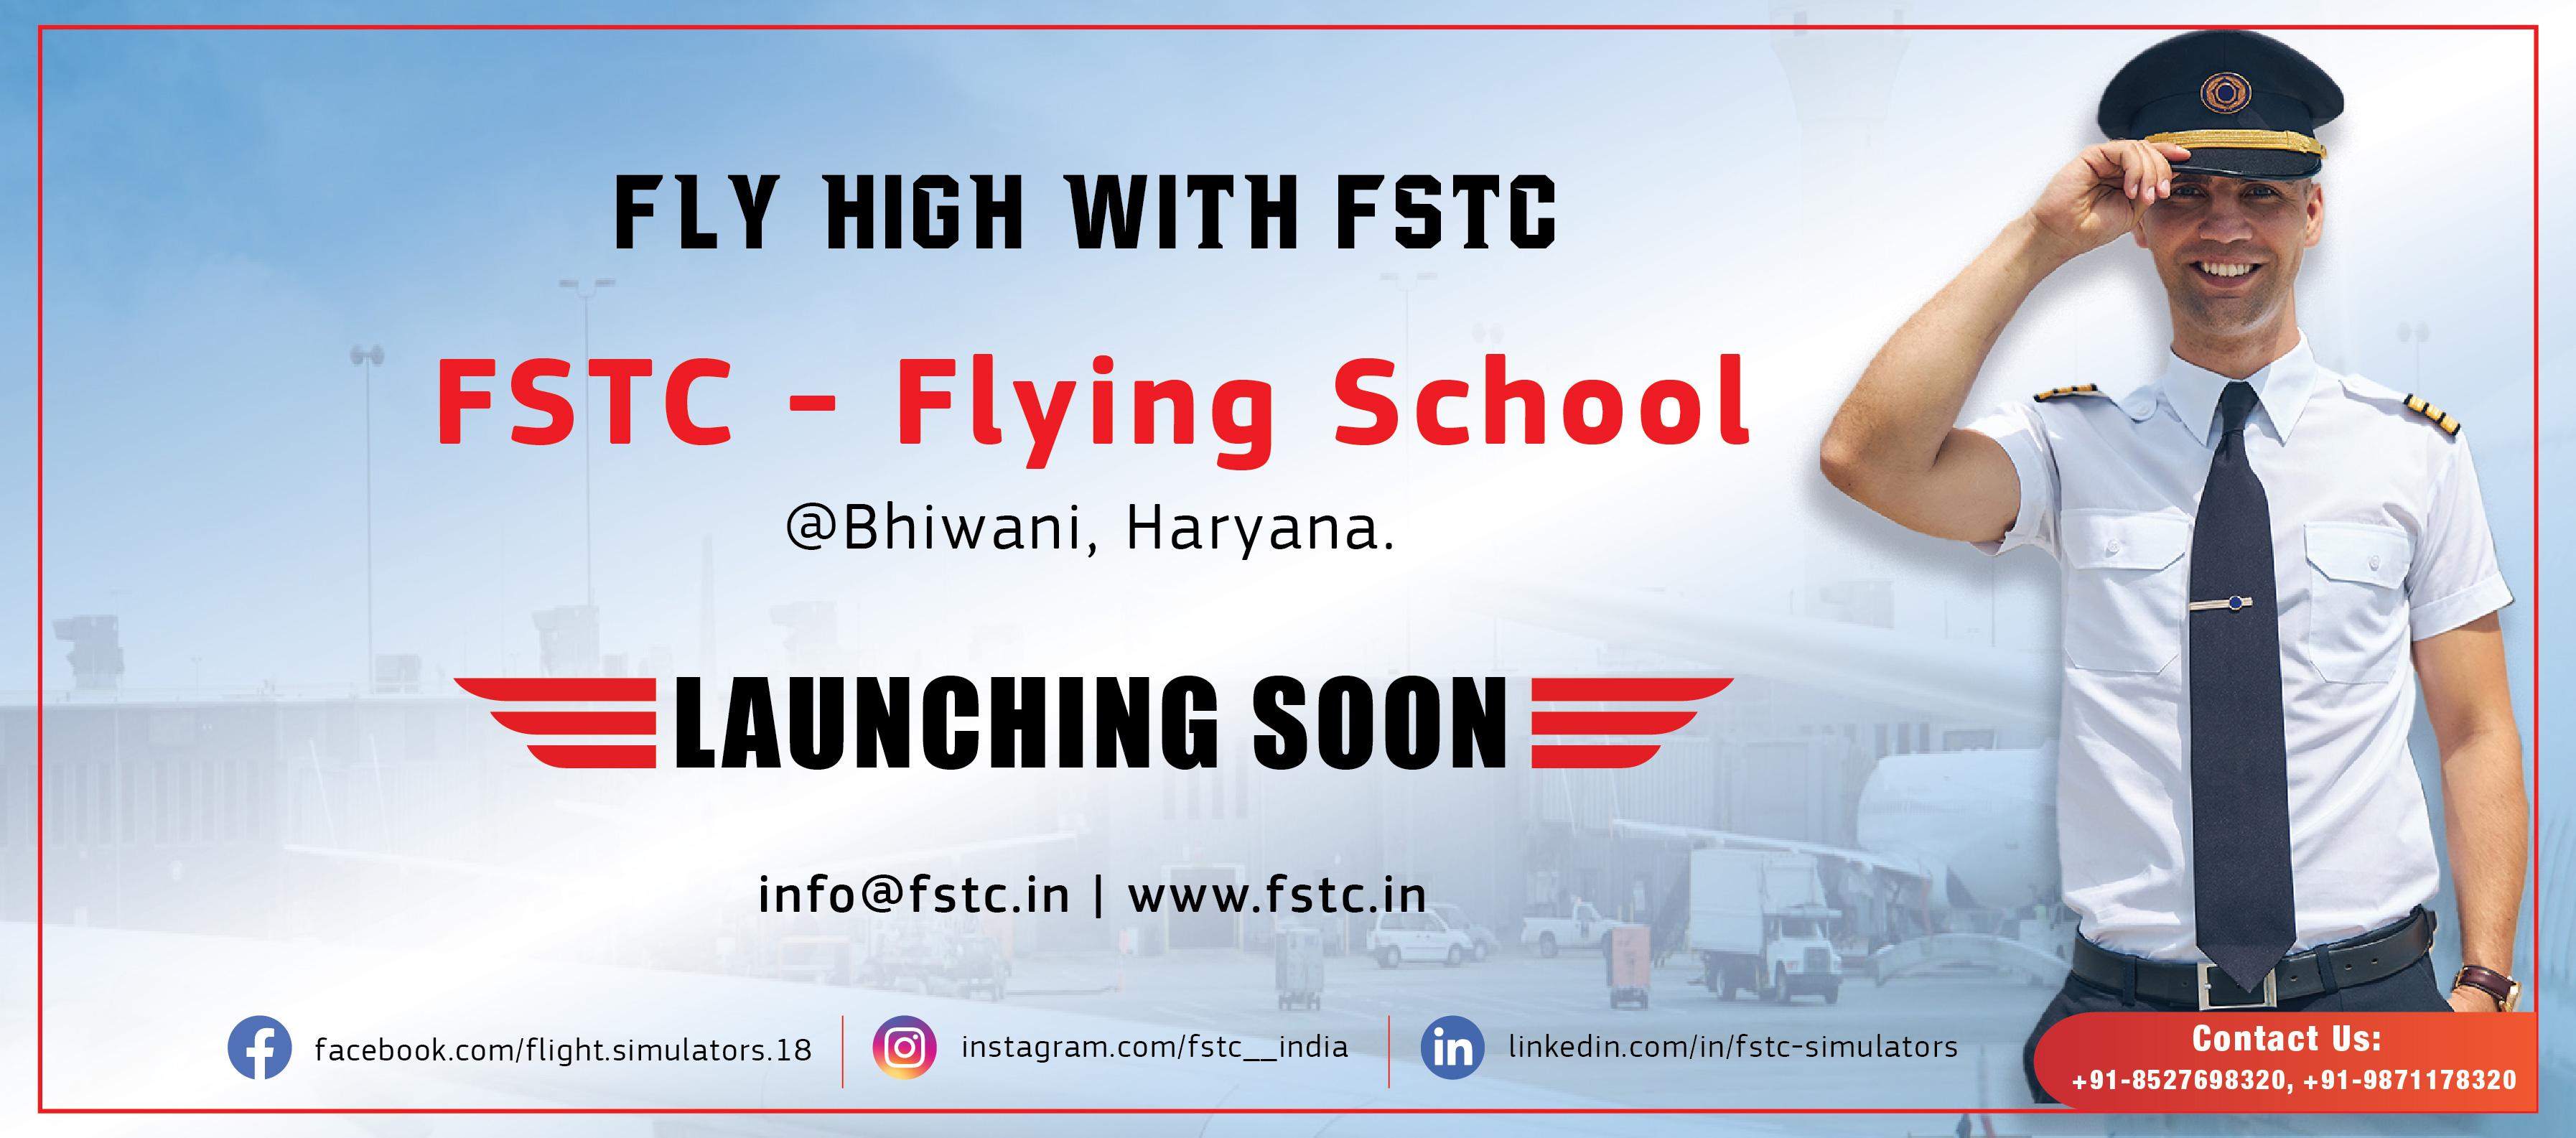 FSTC Flying School